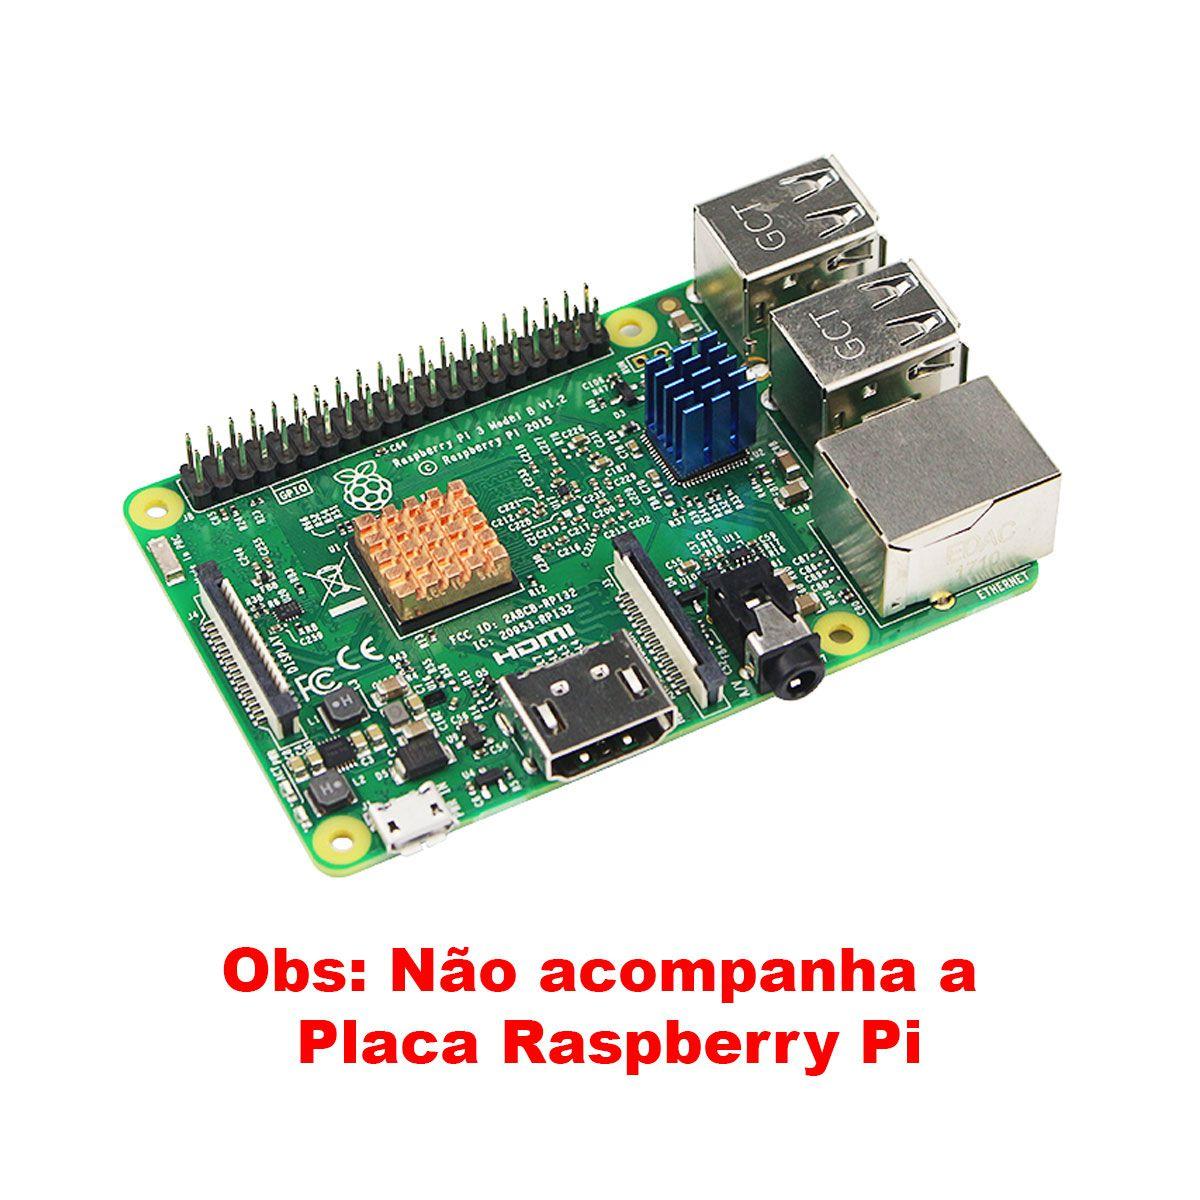 Fonte Raspberry Pi 4 5V 3A com botão liga/desliga Usb Tipo C + Dissipadores